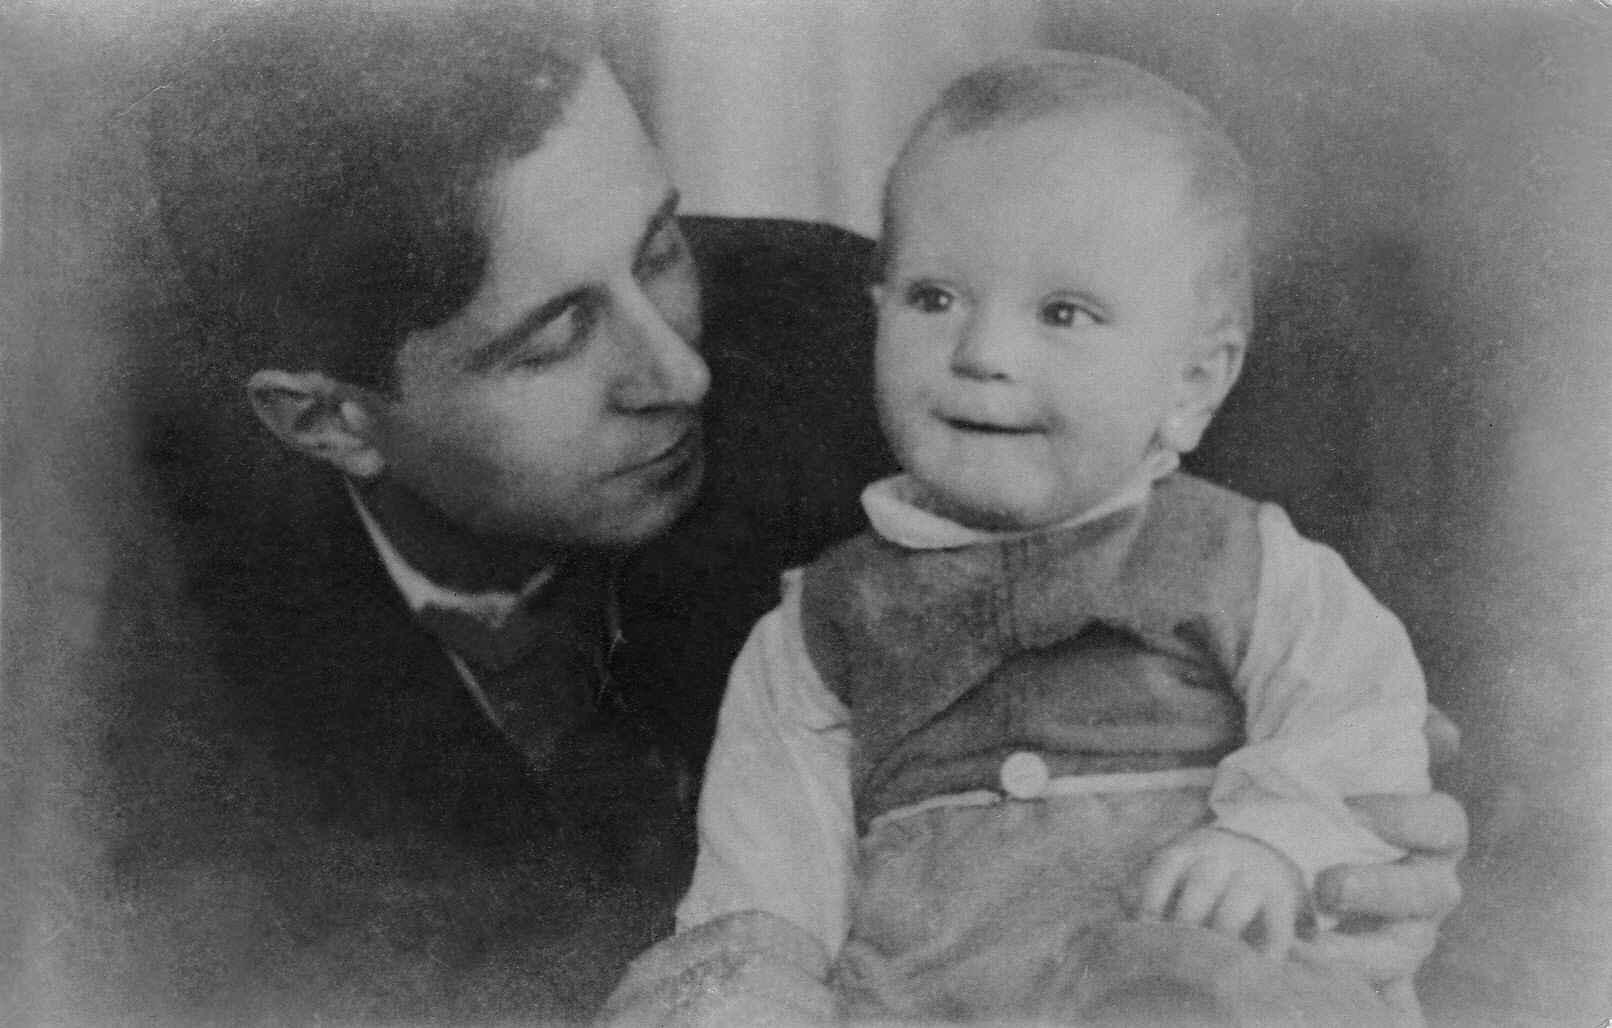 Экспонат #39. Витольд Владиславович Микоша с сыном Владиславом Витольдовичем. 1938 год